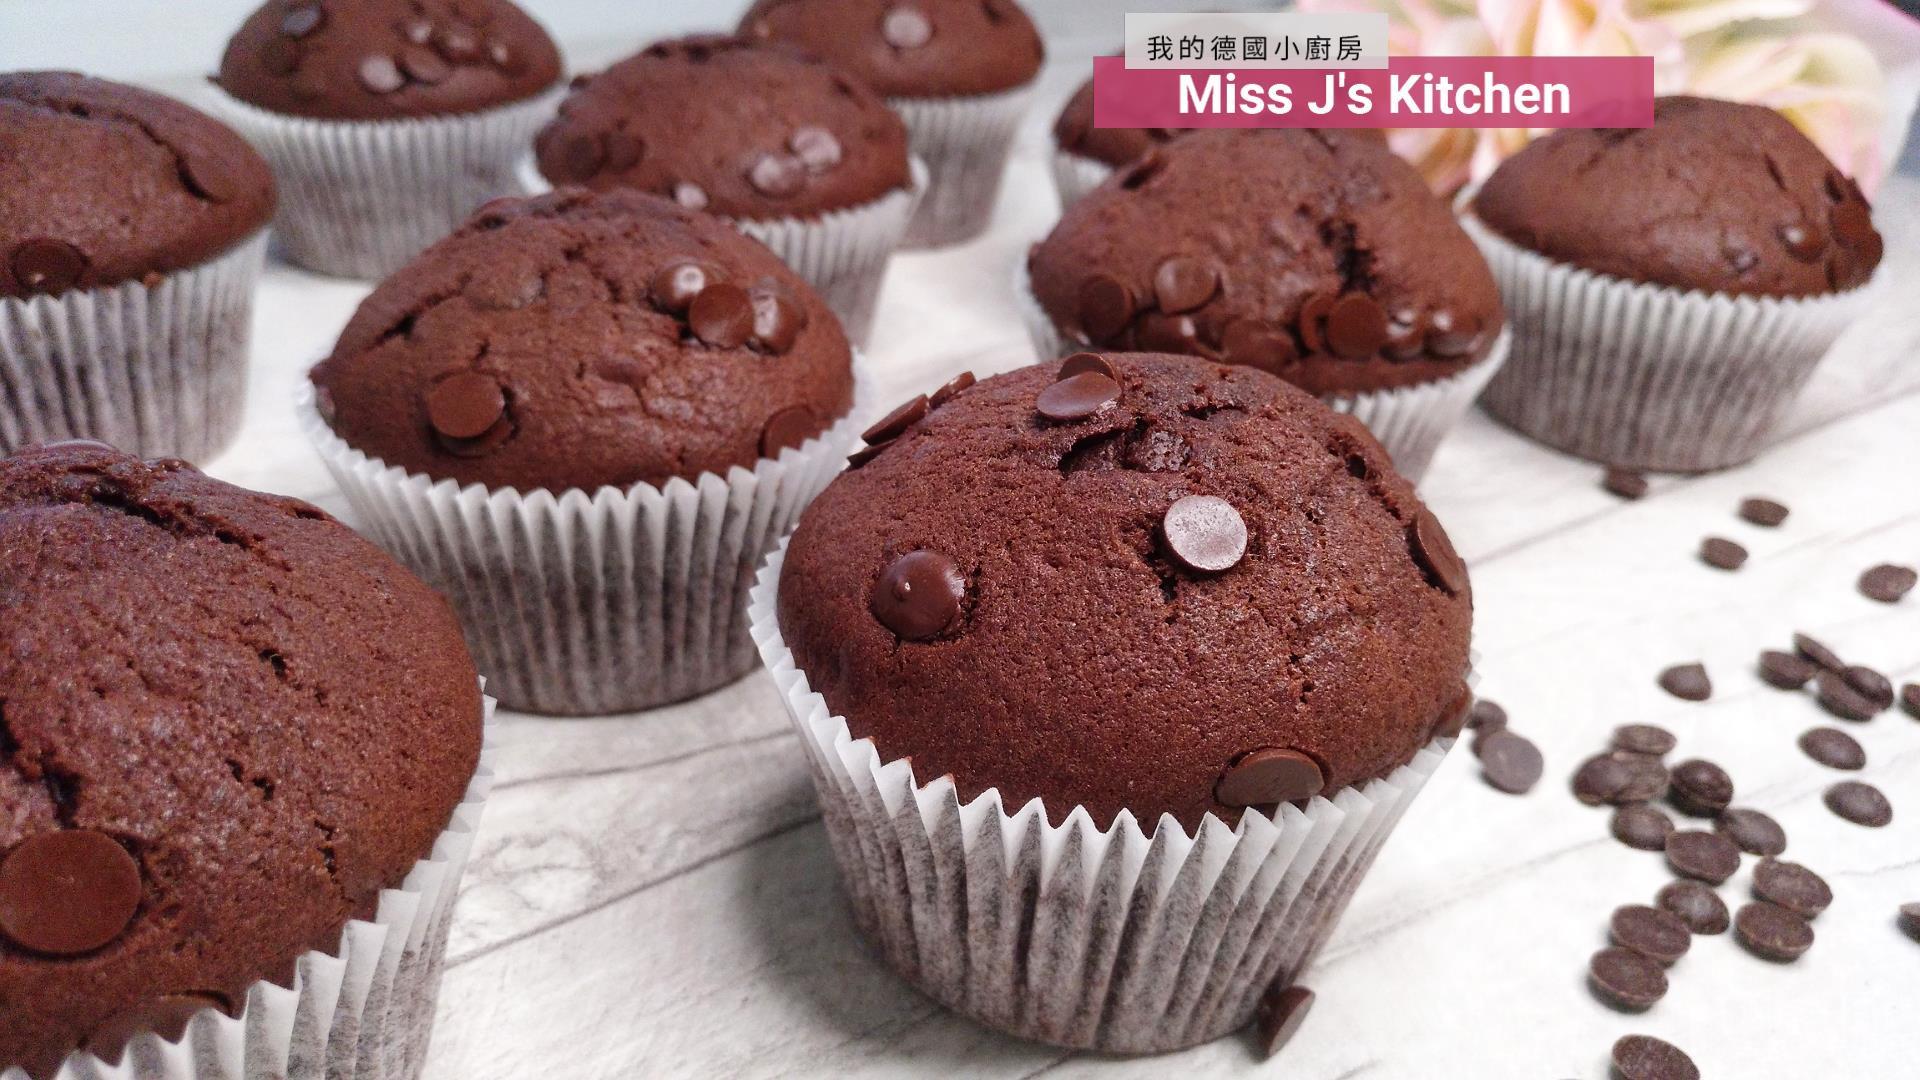 巧克力馬芬 - 濕潤、好吃又簡單